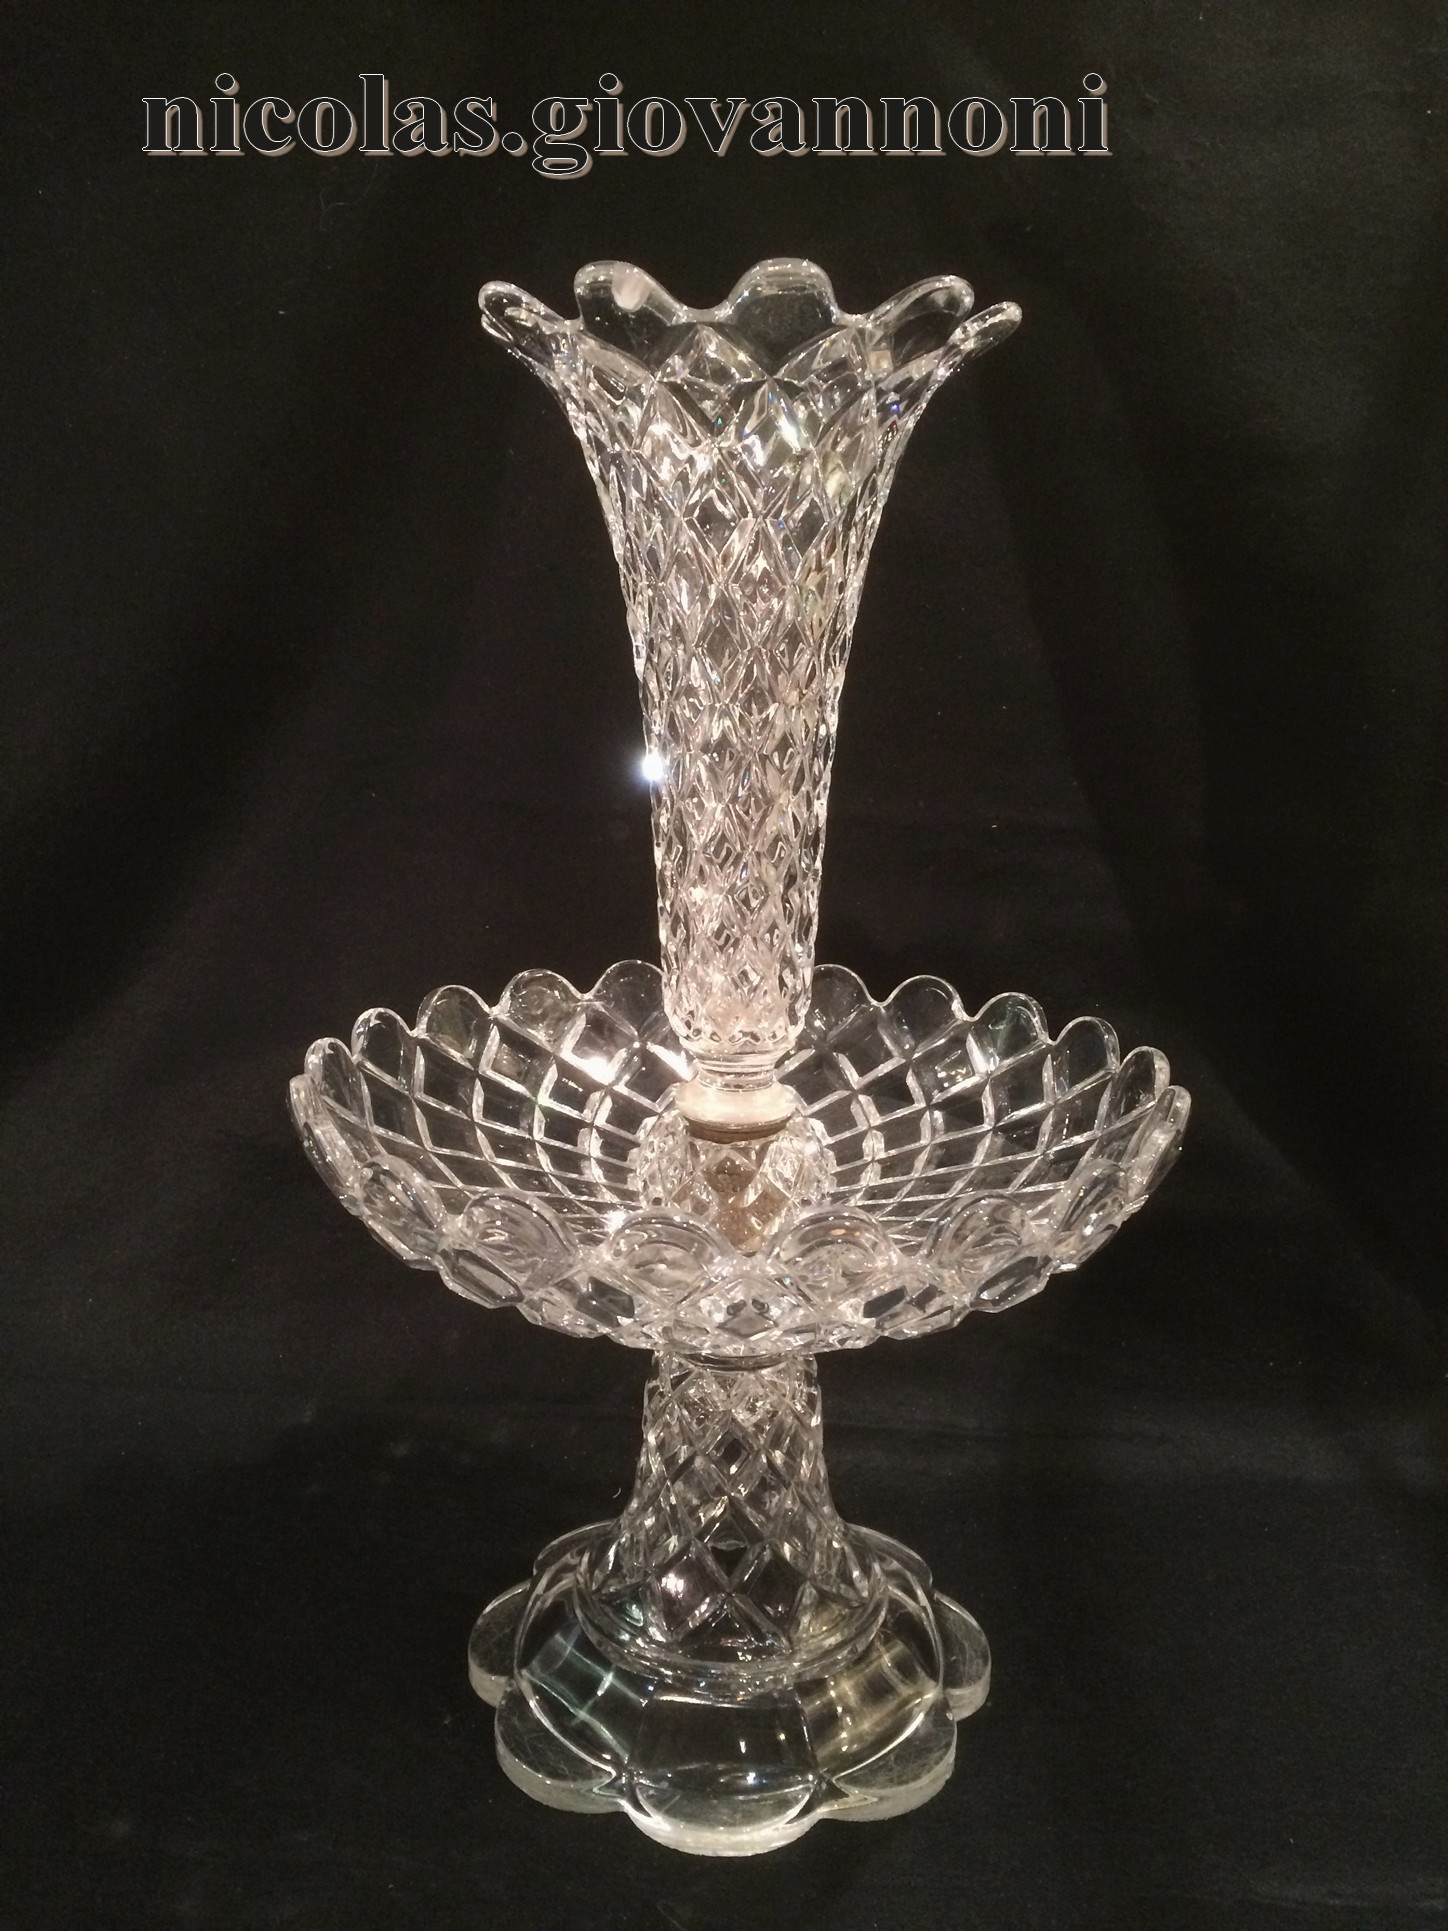 Coupe cornet cristal moul baccarat accessoires catalogue cris - Cristal de baccarat ancien ...